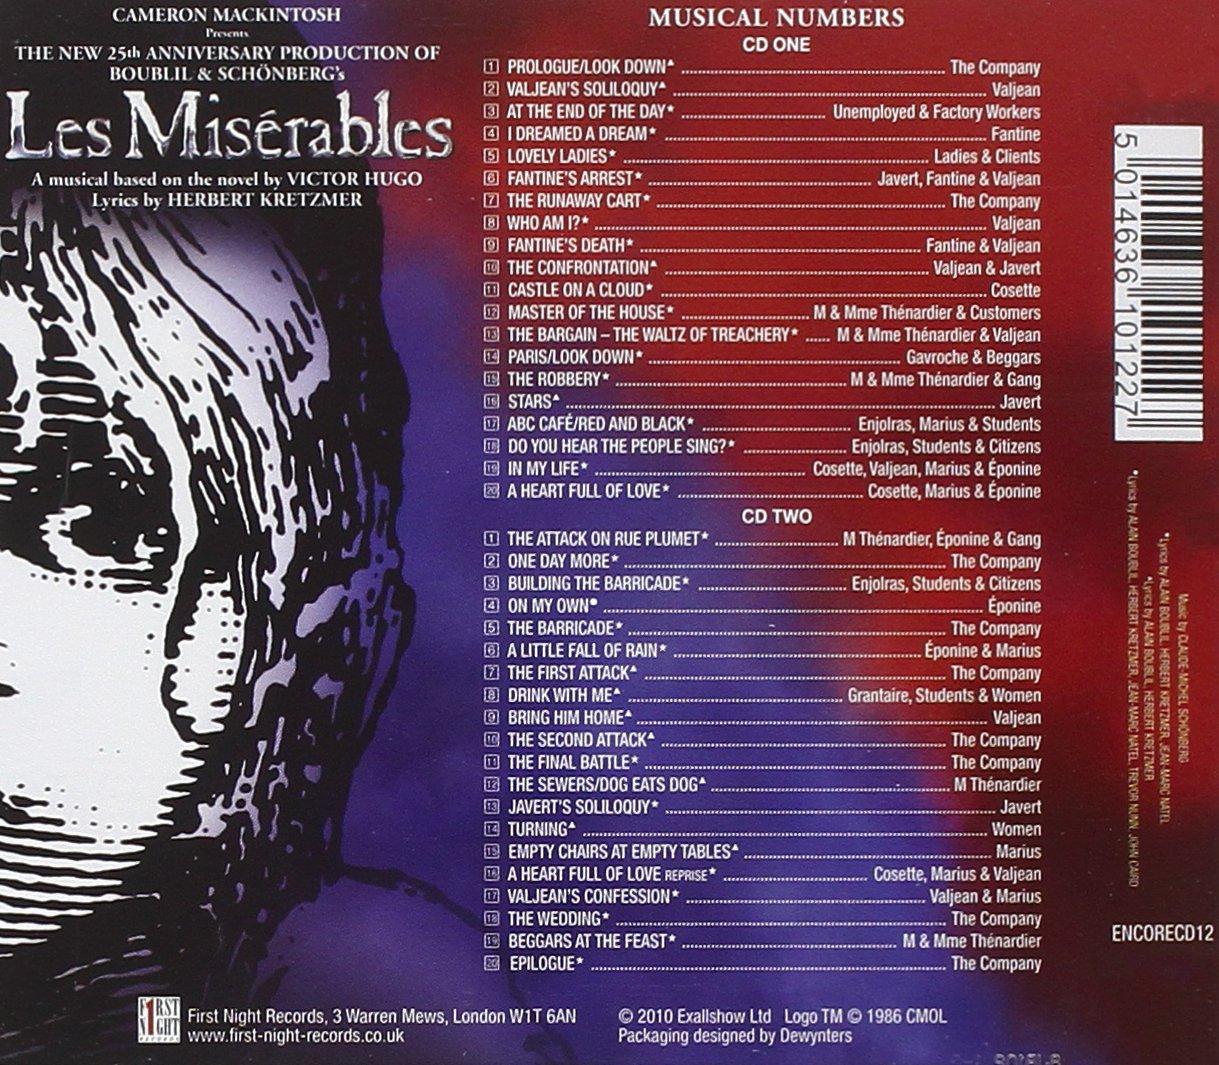 Les Miserables Live - 2010 Cast